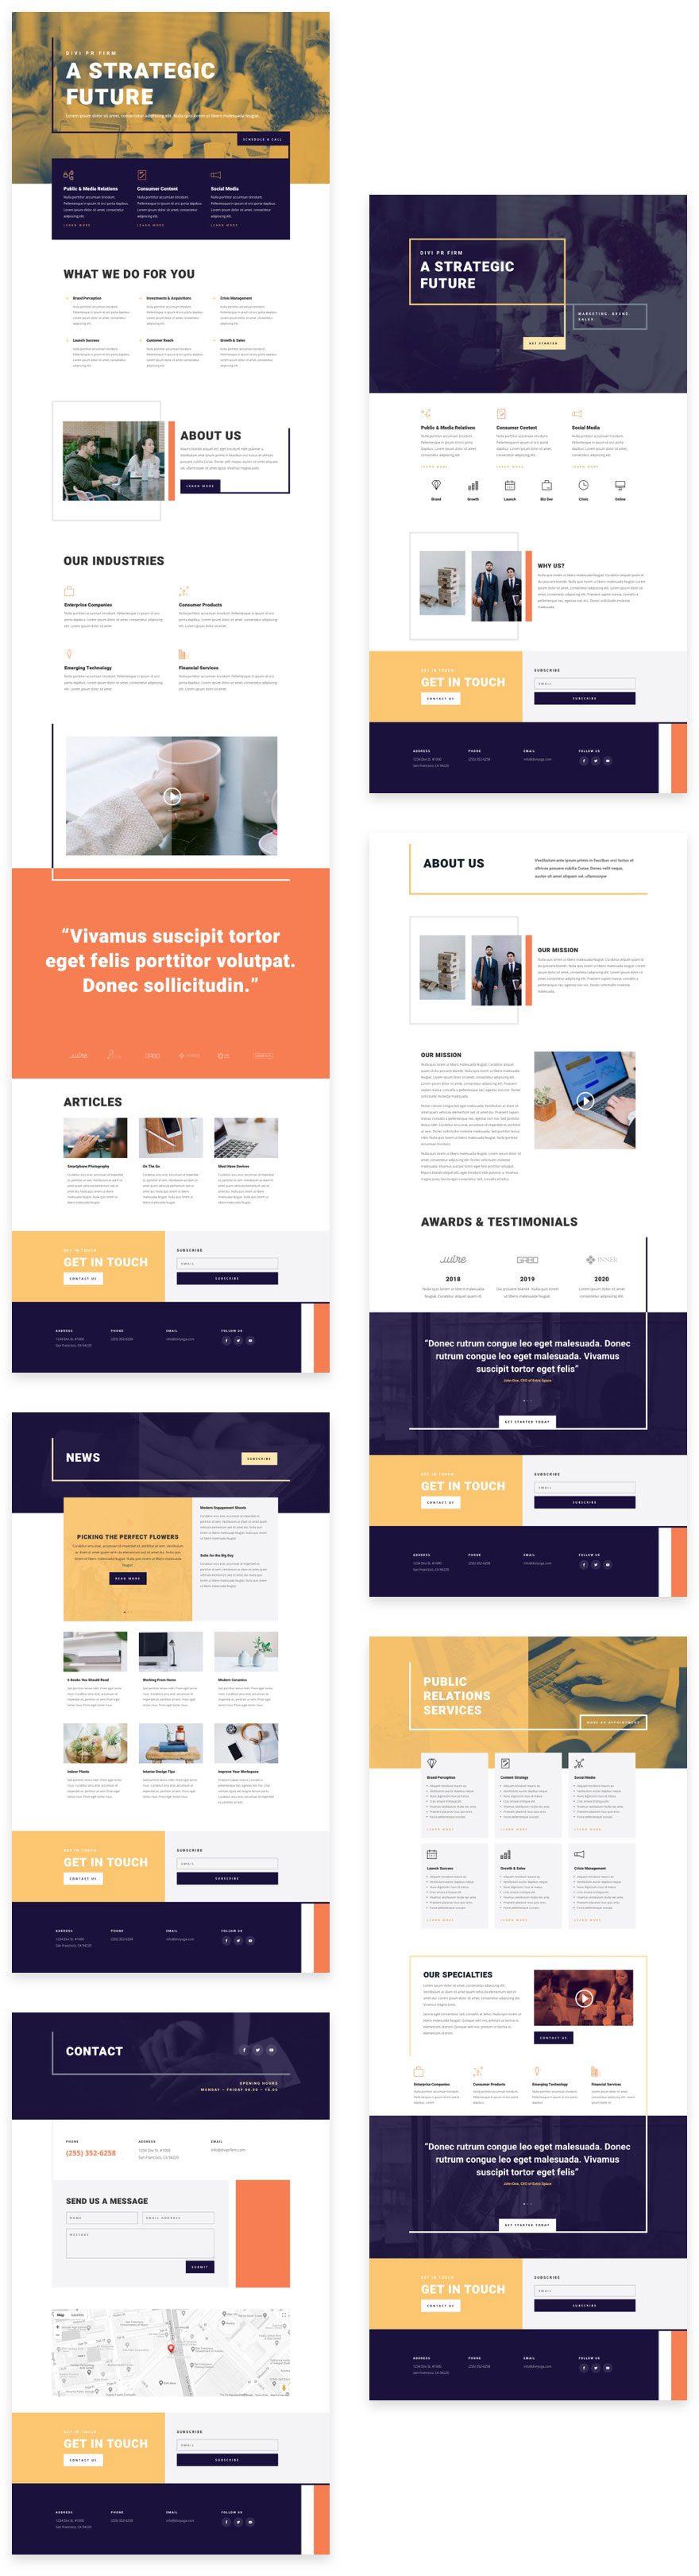 PR firm website